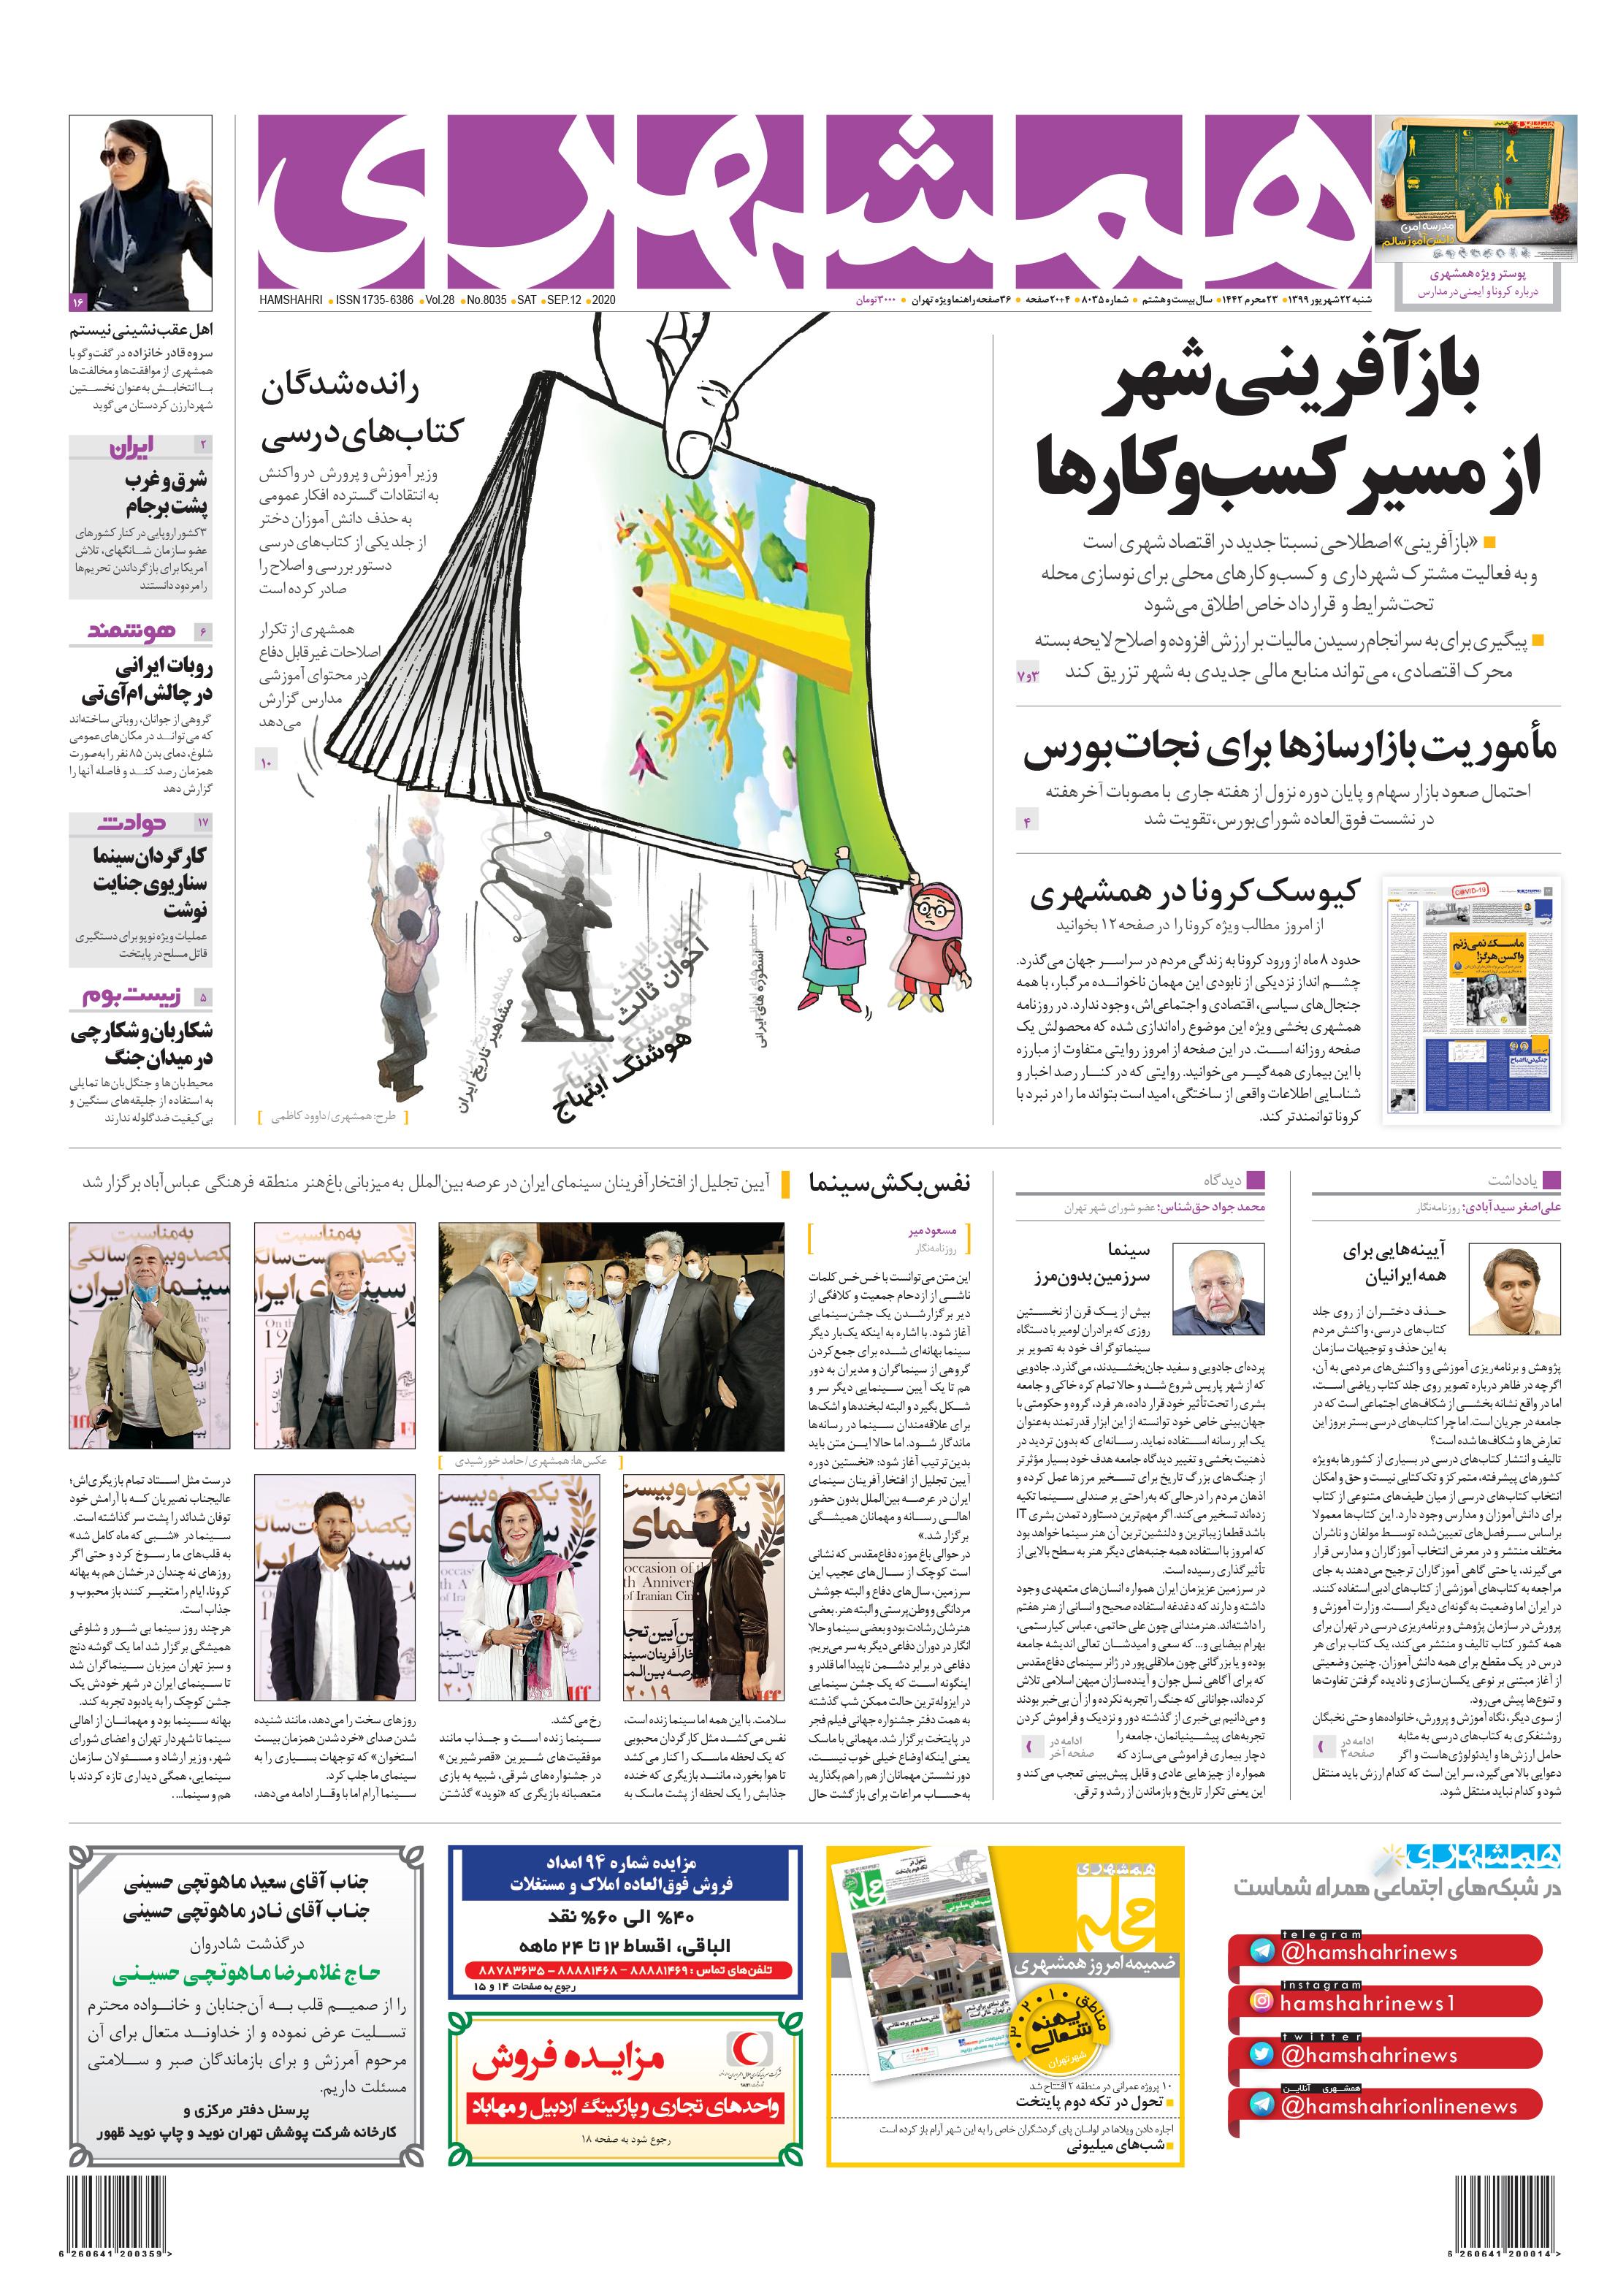 صفحه اول شنبه 22 شهریور 1399